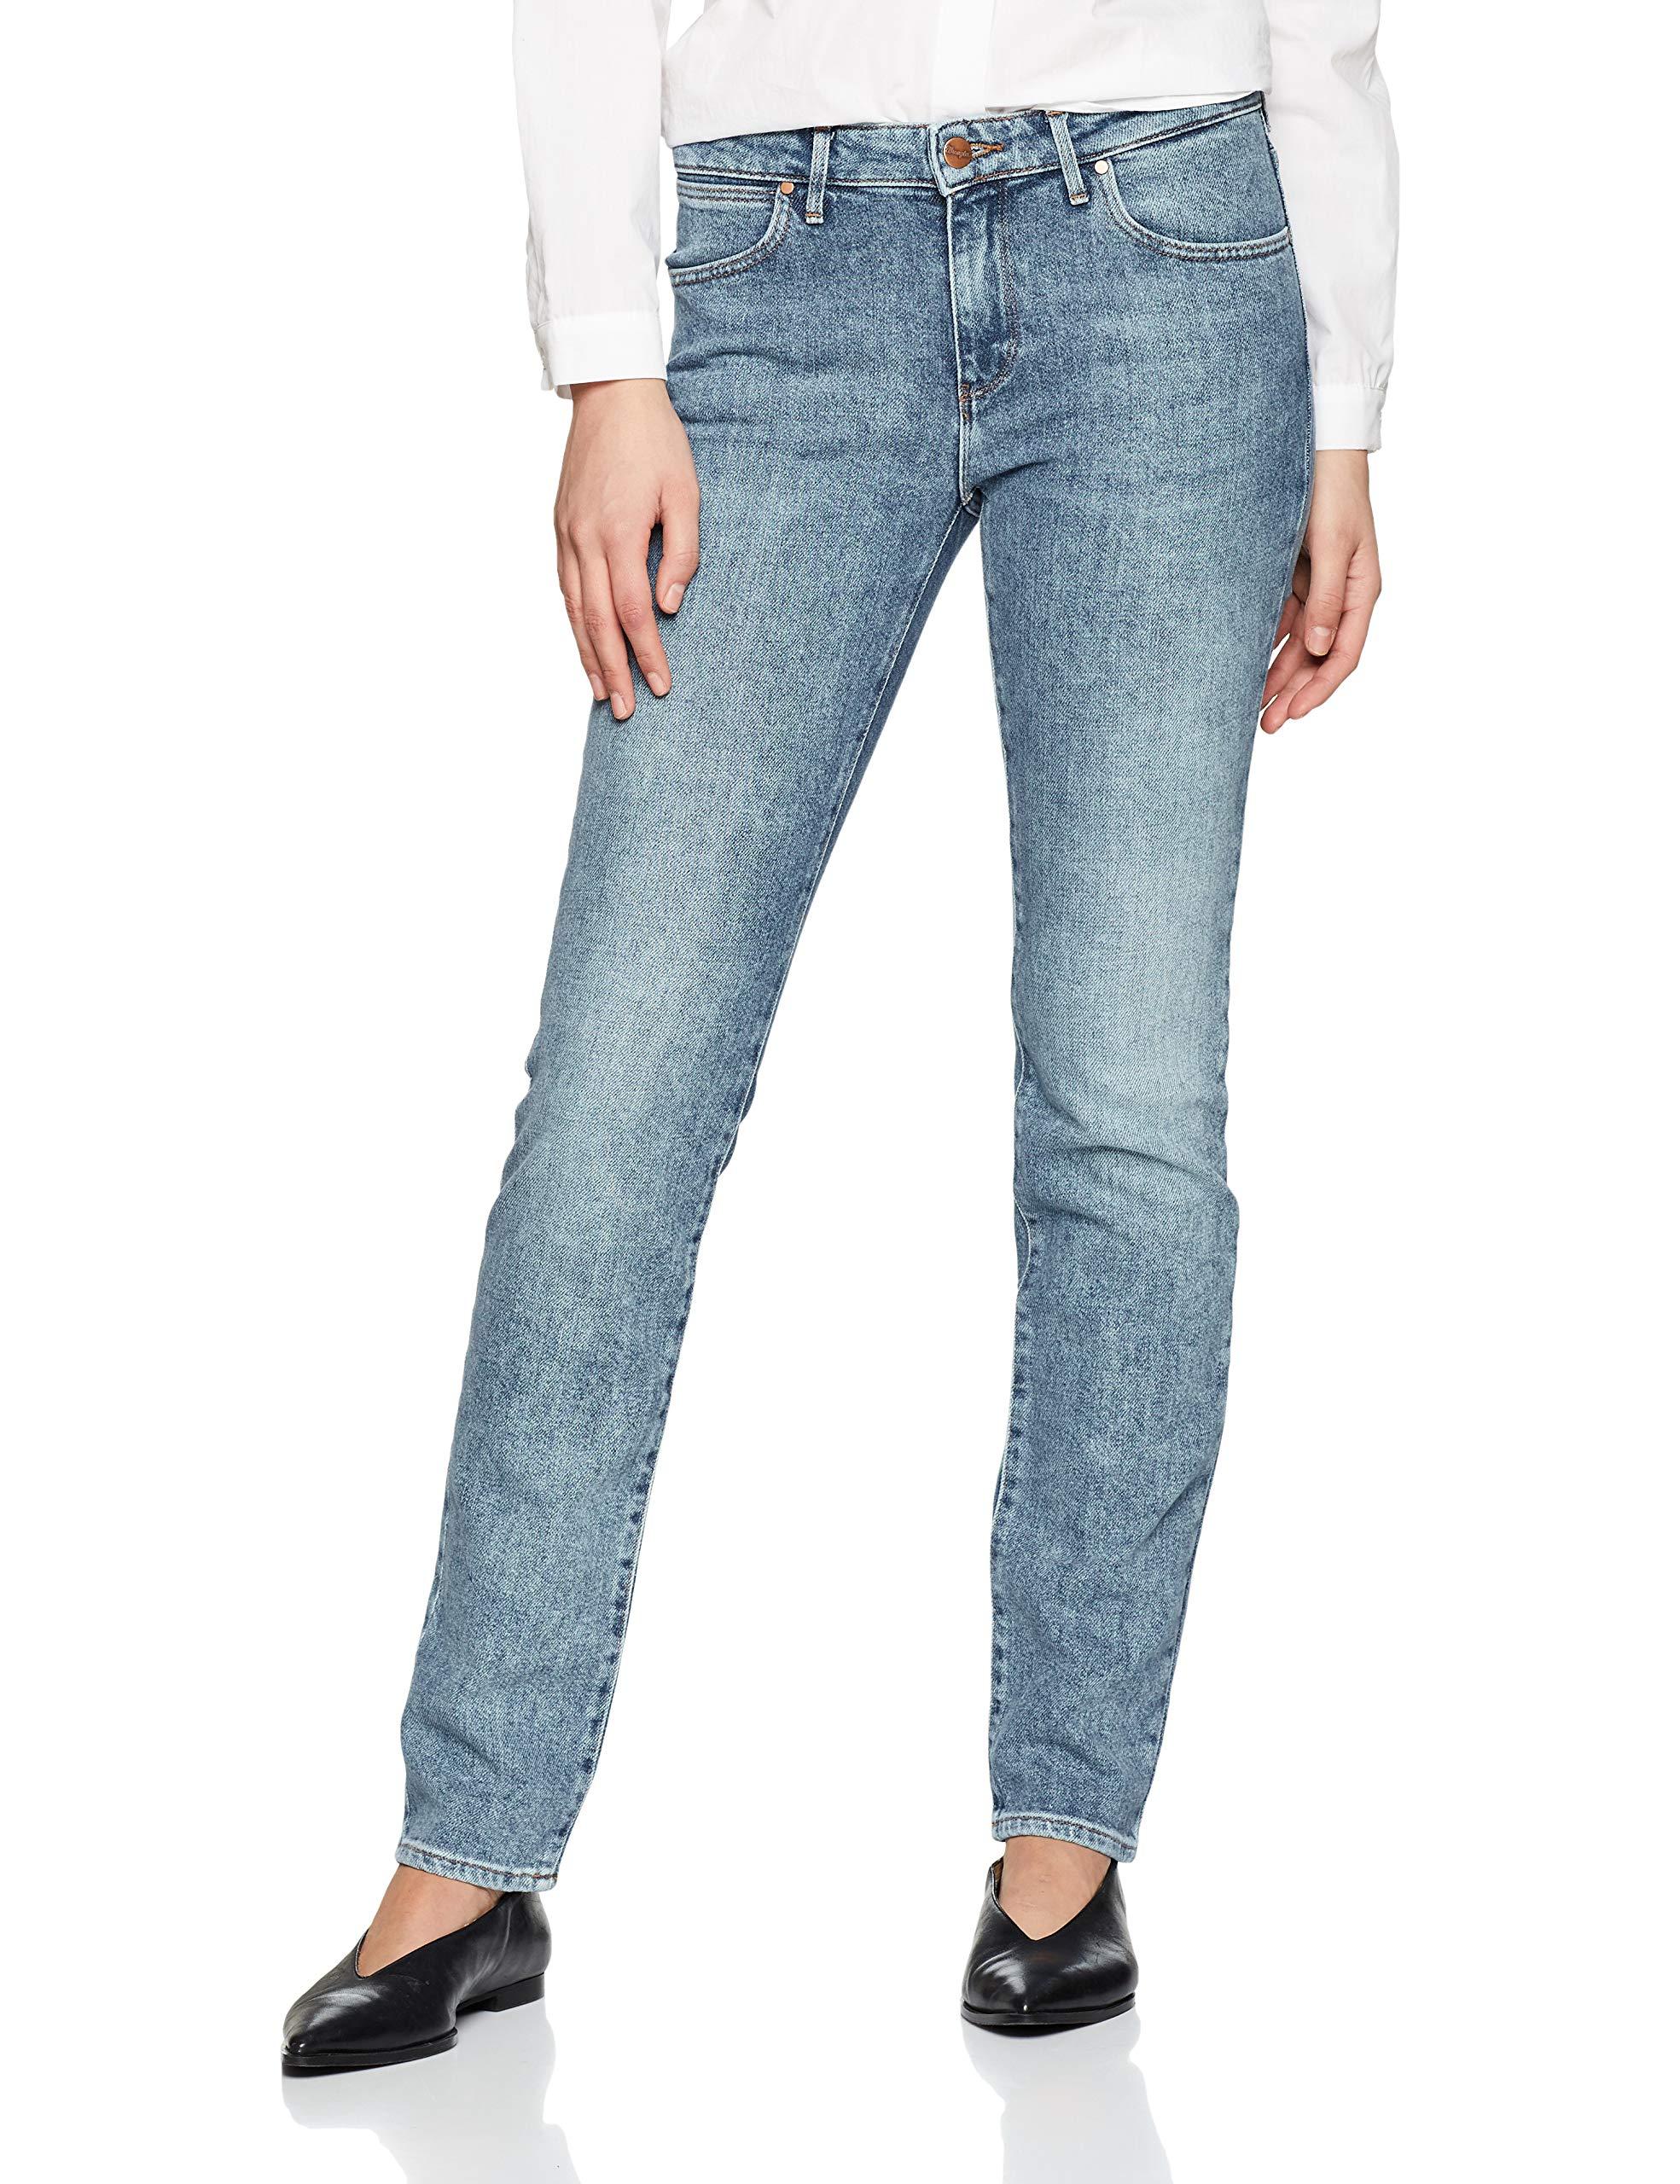 JeansBleudesert Femme Slim' Sage Wrangler 21z28w32l Ok8XwPn0